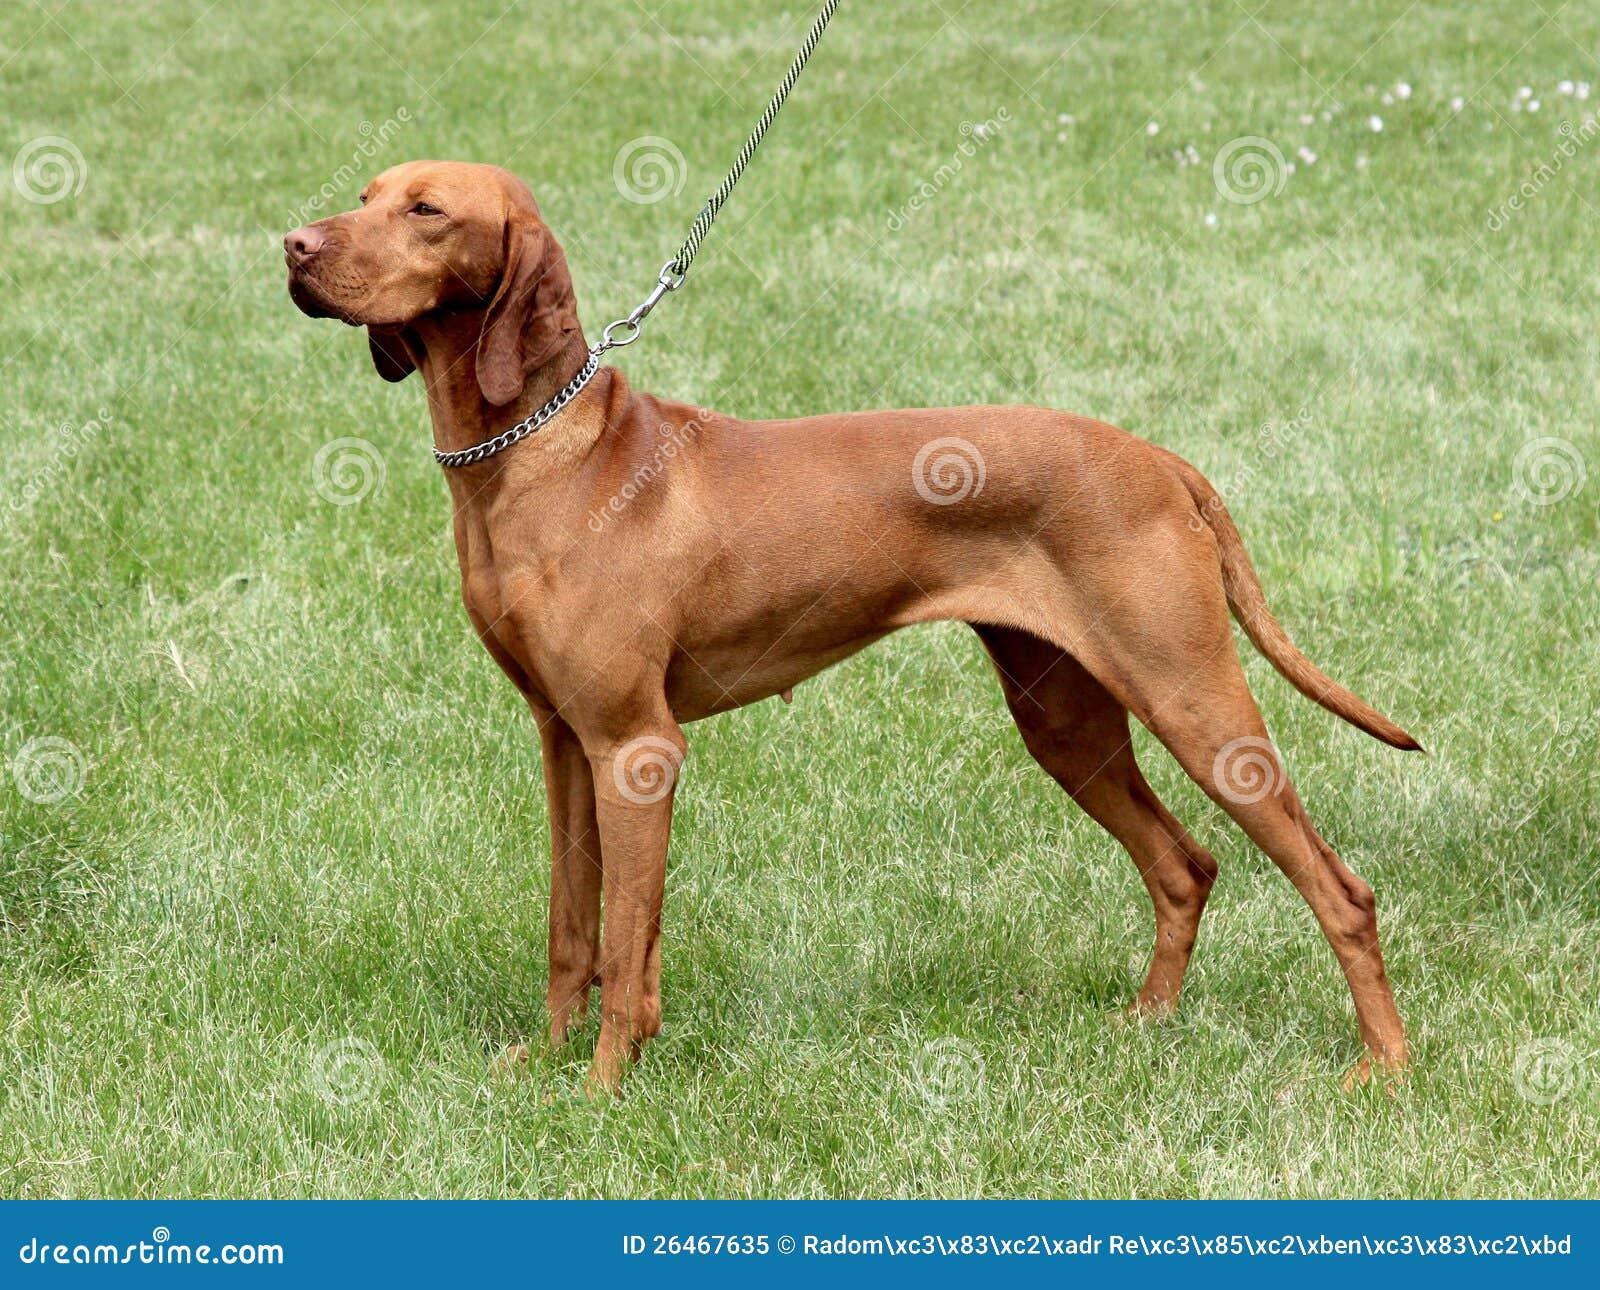 Ουγγρικό με κοντά μαλλιά σκυλί υπόδειξης